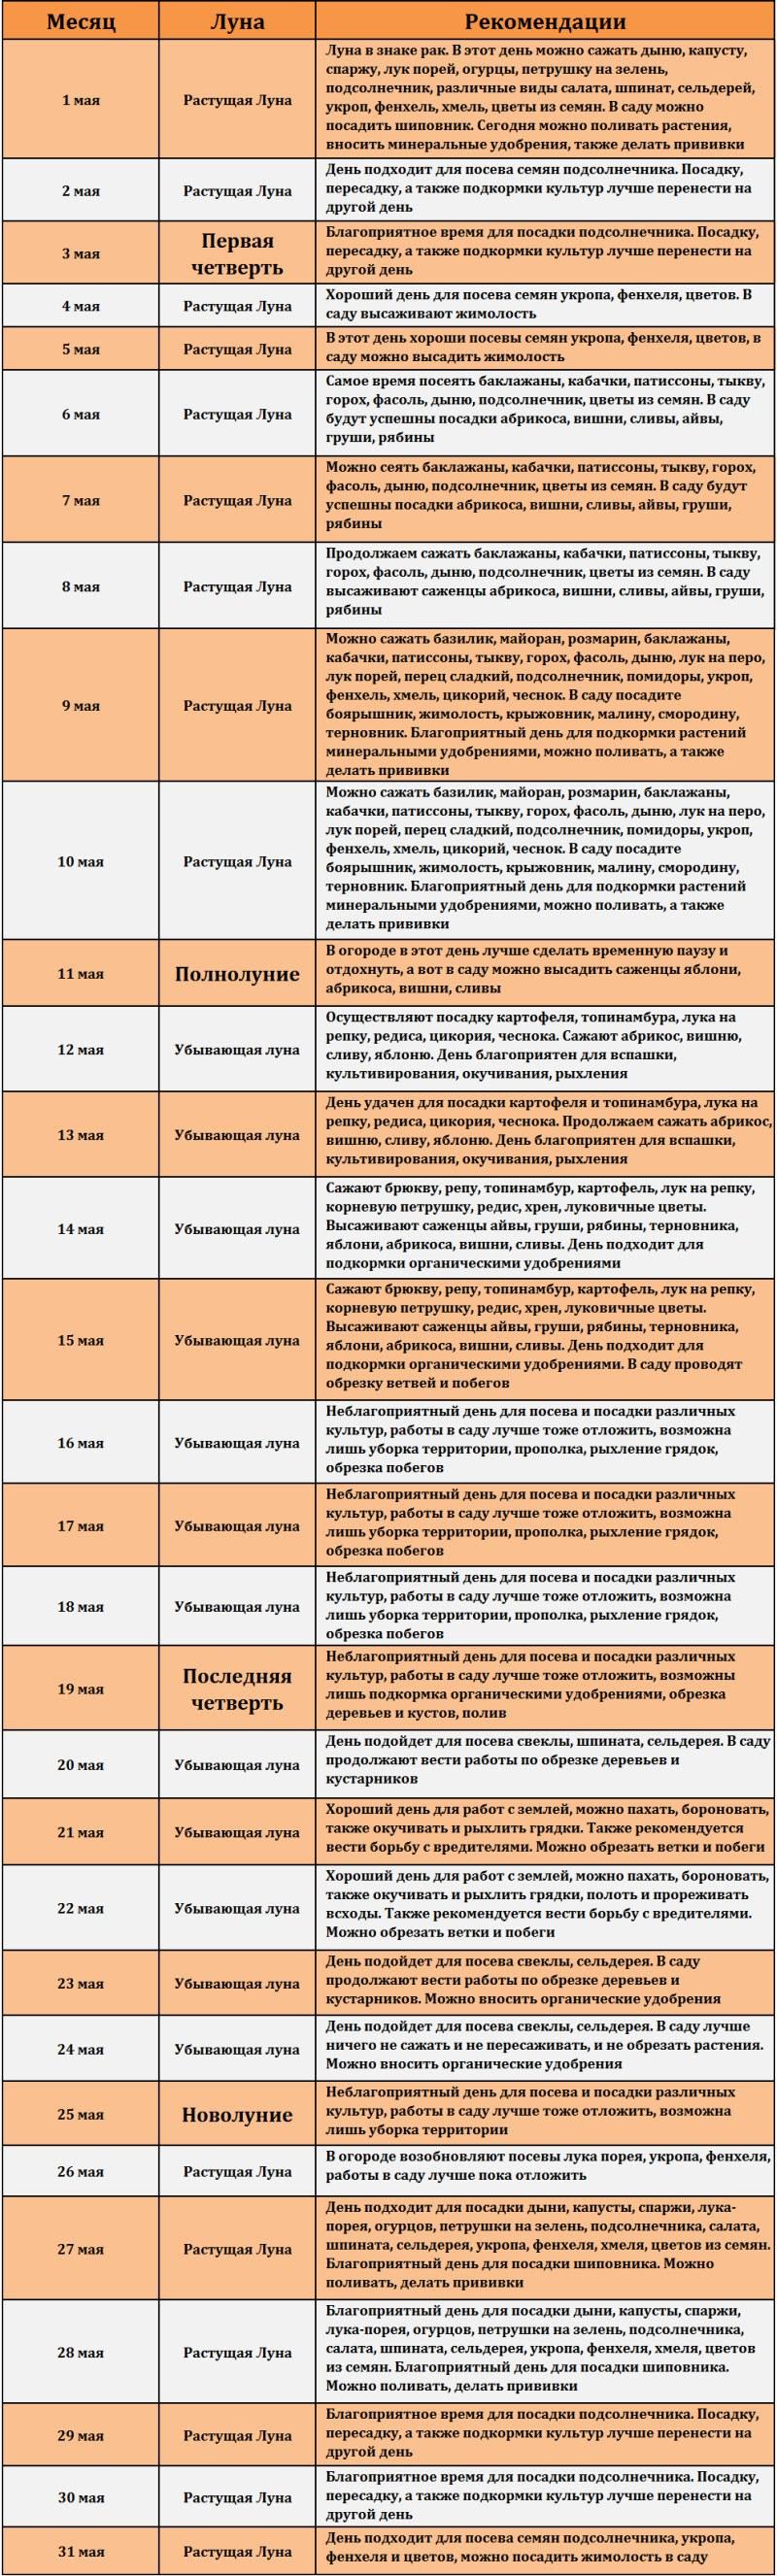 Lunnyy posevnoy kalendar' na may 2017 goda (tablitsa)